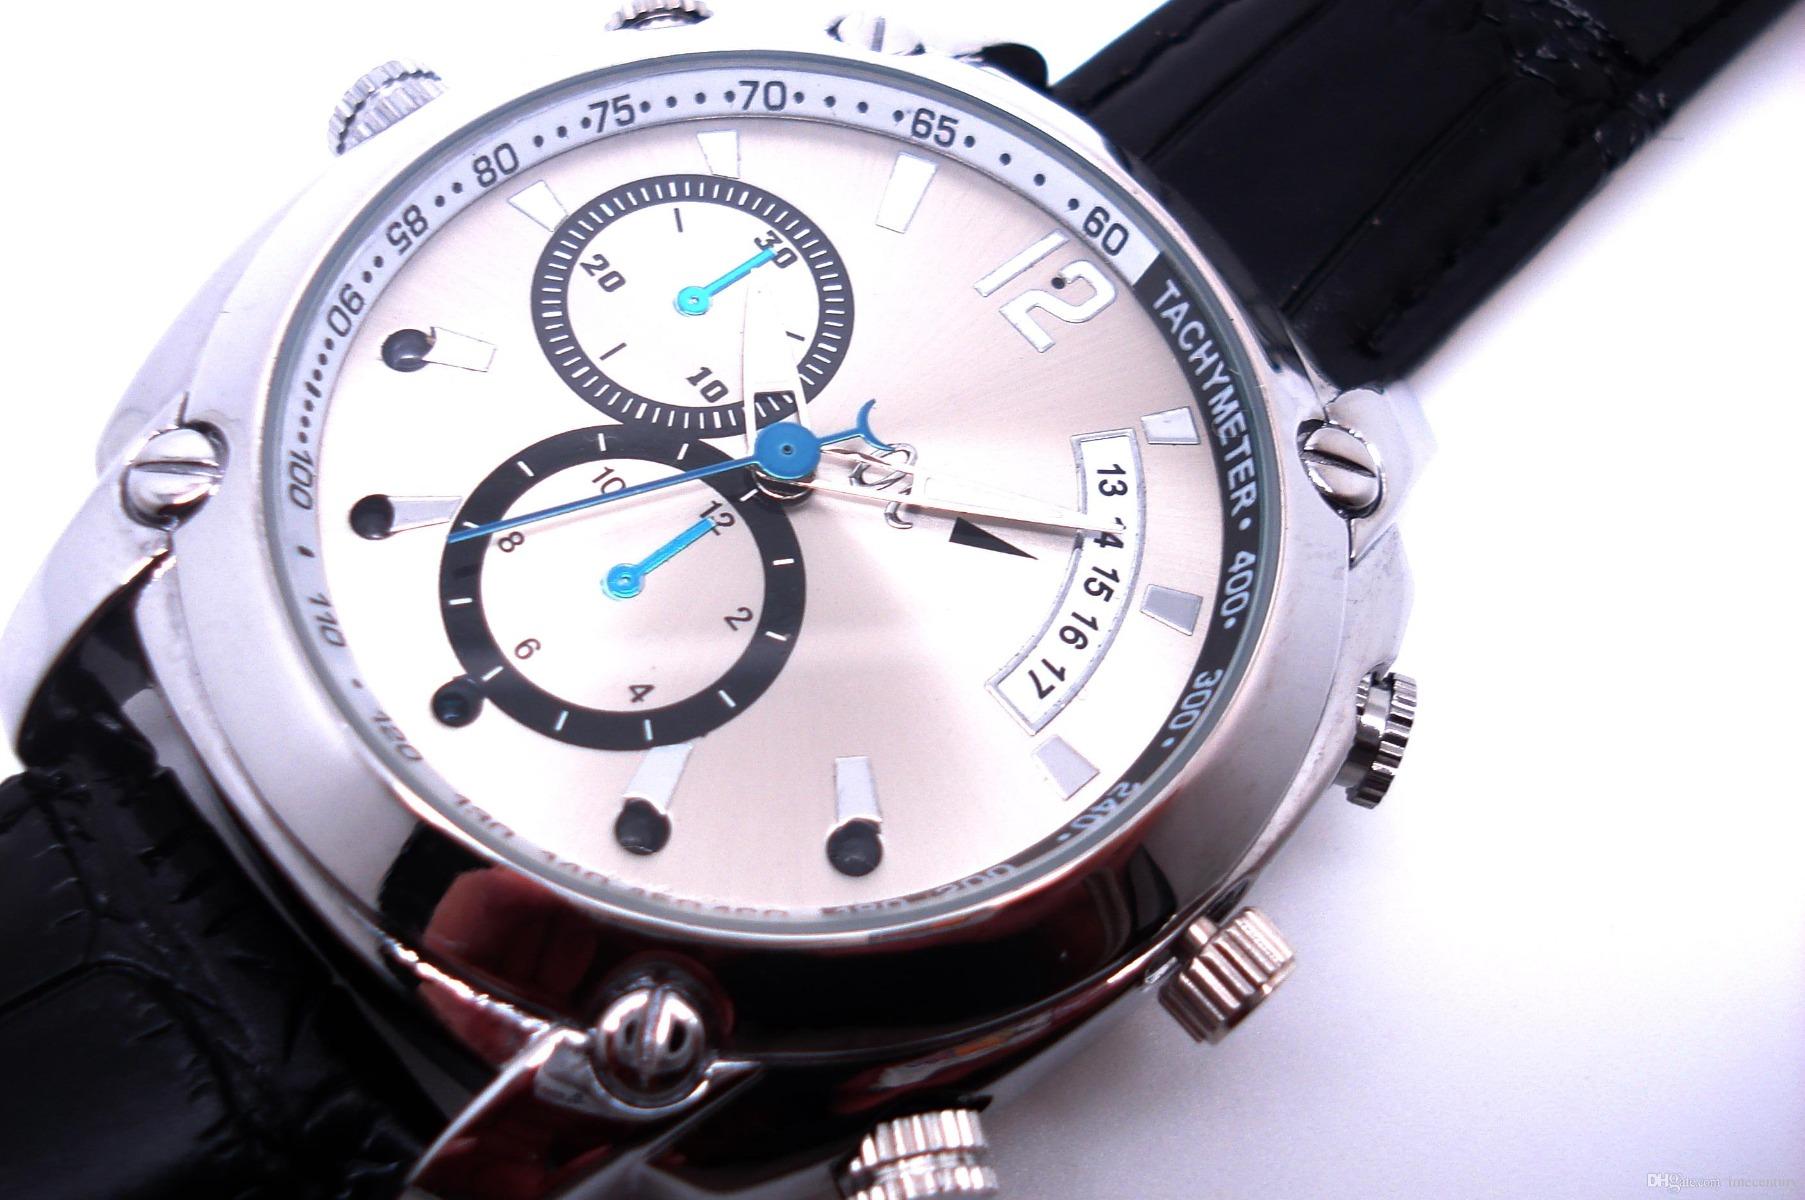 Relógio Espião 8gb 640x480 Avi E Fotos 1600x1200 Spy Watch